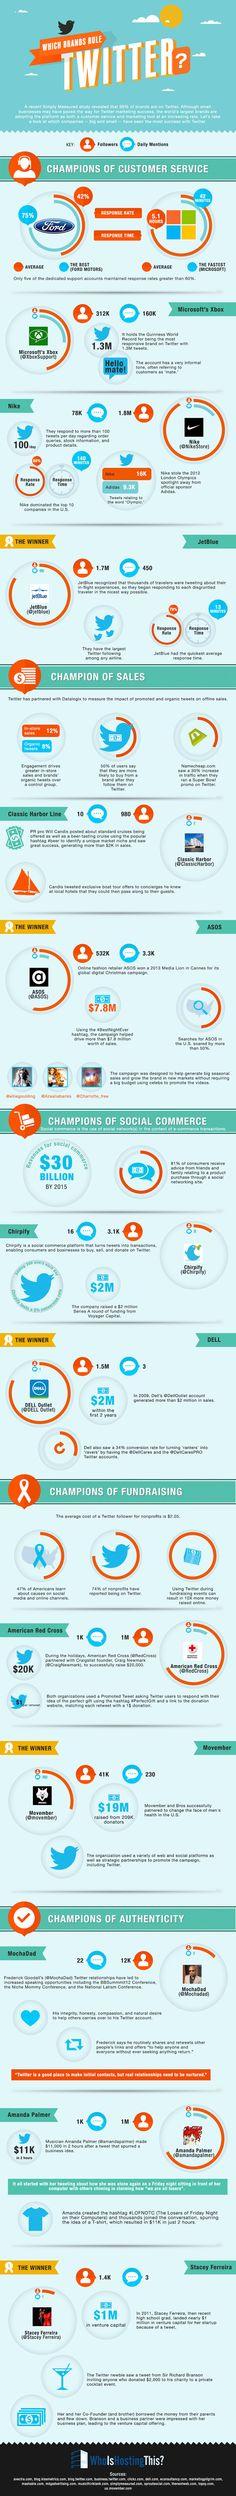 Ford, Microsoft, Nike e JetBlue estao entre as marcas que melhor atendem seus consumidores no Twitter. Descubra neste infográfico as marcas campeãs em diversos critérios no Twitter. Fonte: WhoIsHostingThis?